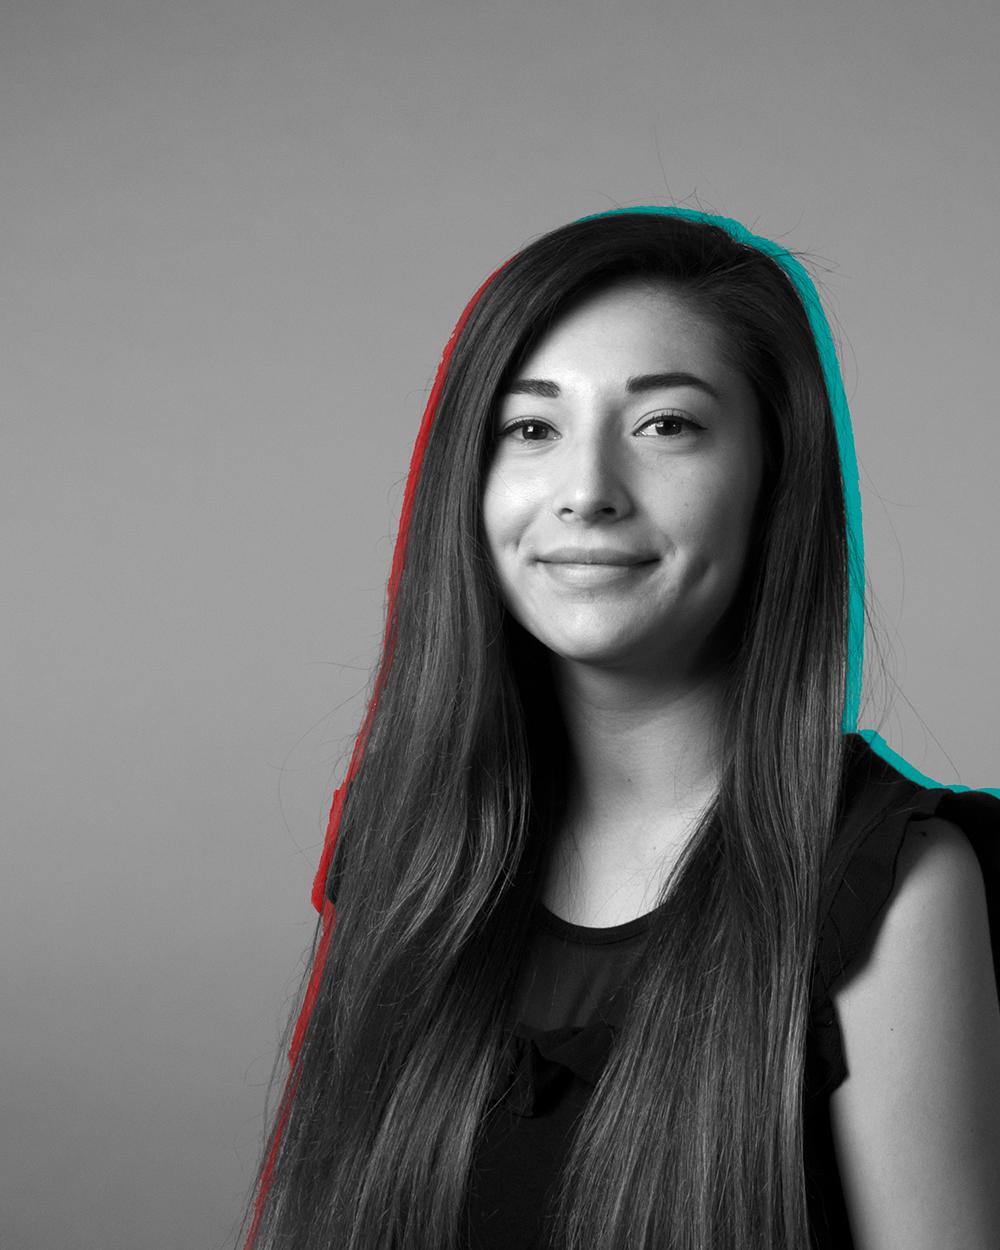 Natasha Delrosario headshot image